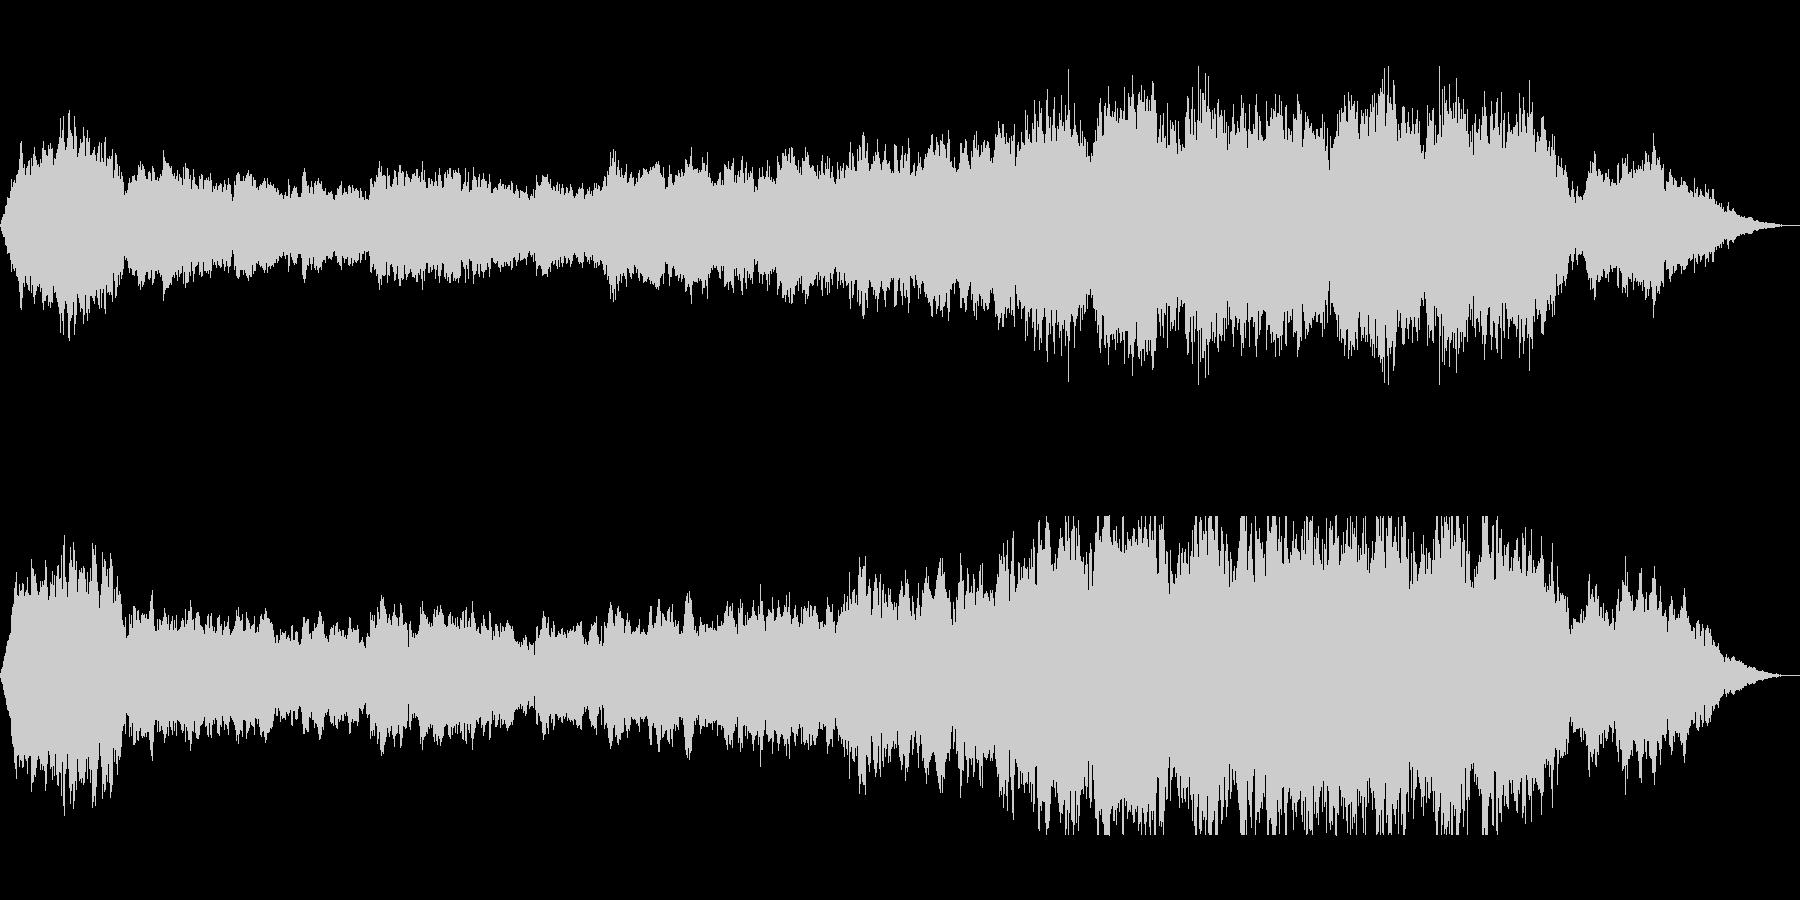 クラリネットのオーケストラサウンドの未再生の波形